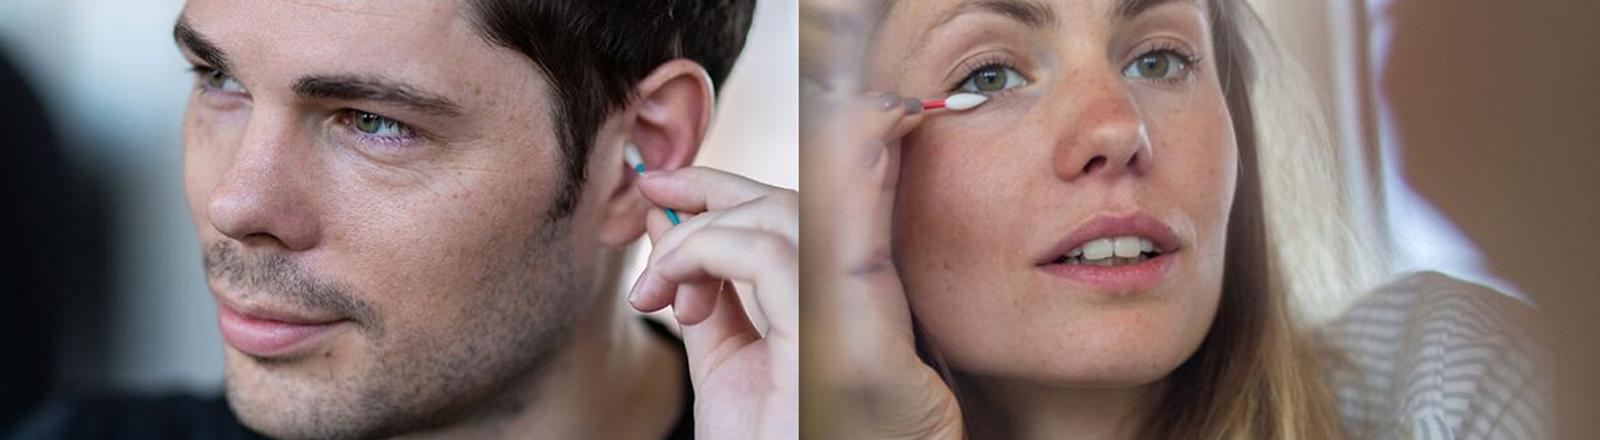 Mann mit Ohrenstäbchen